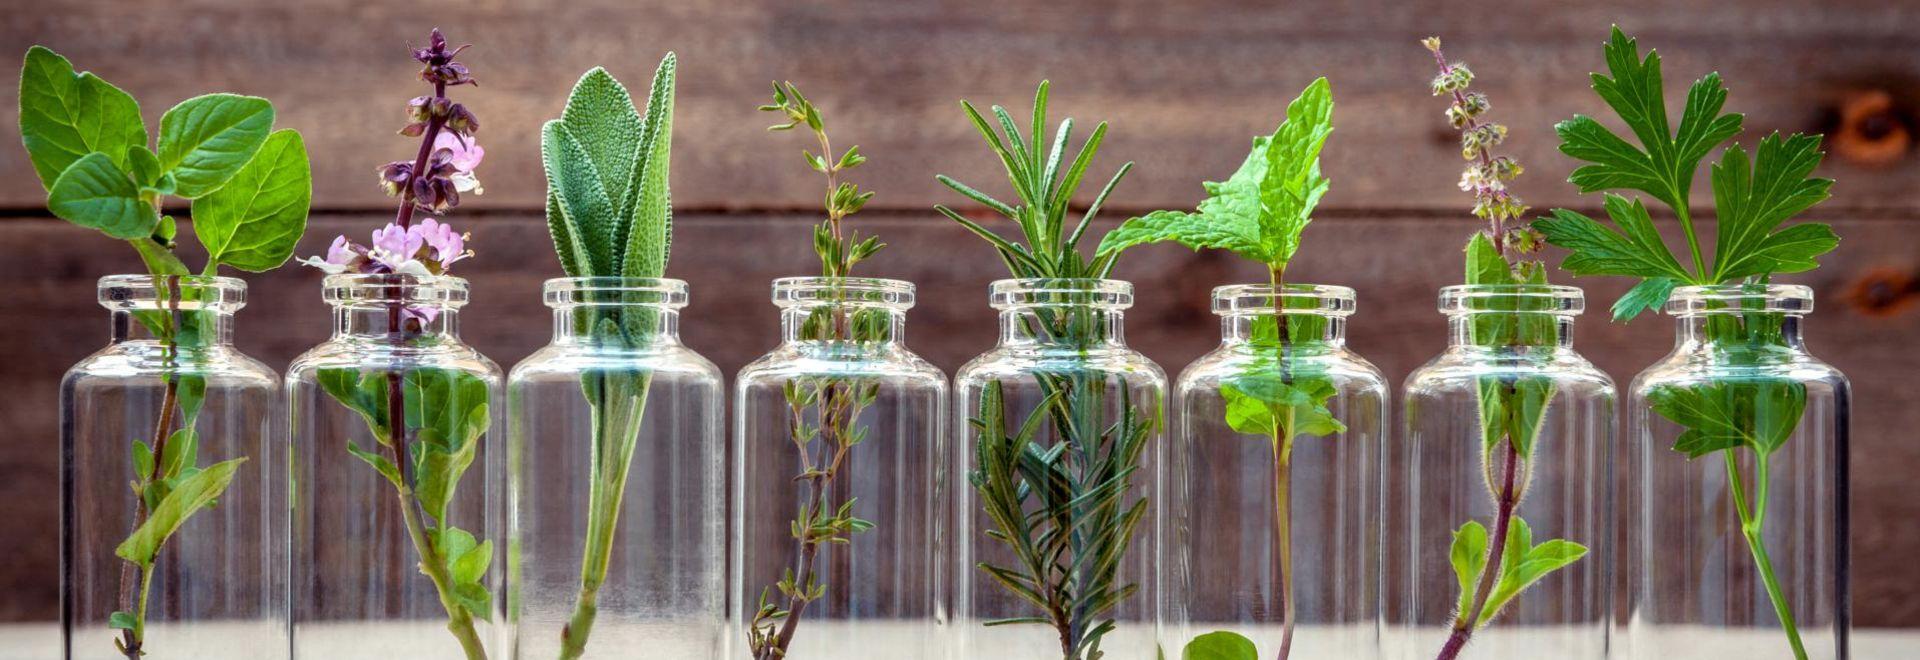 Aromaglaeser-mit-aromen-fuellen